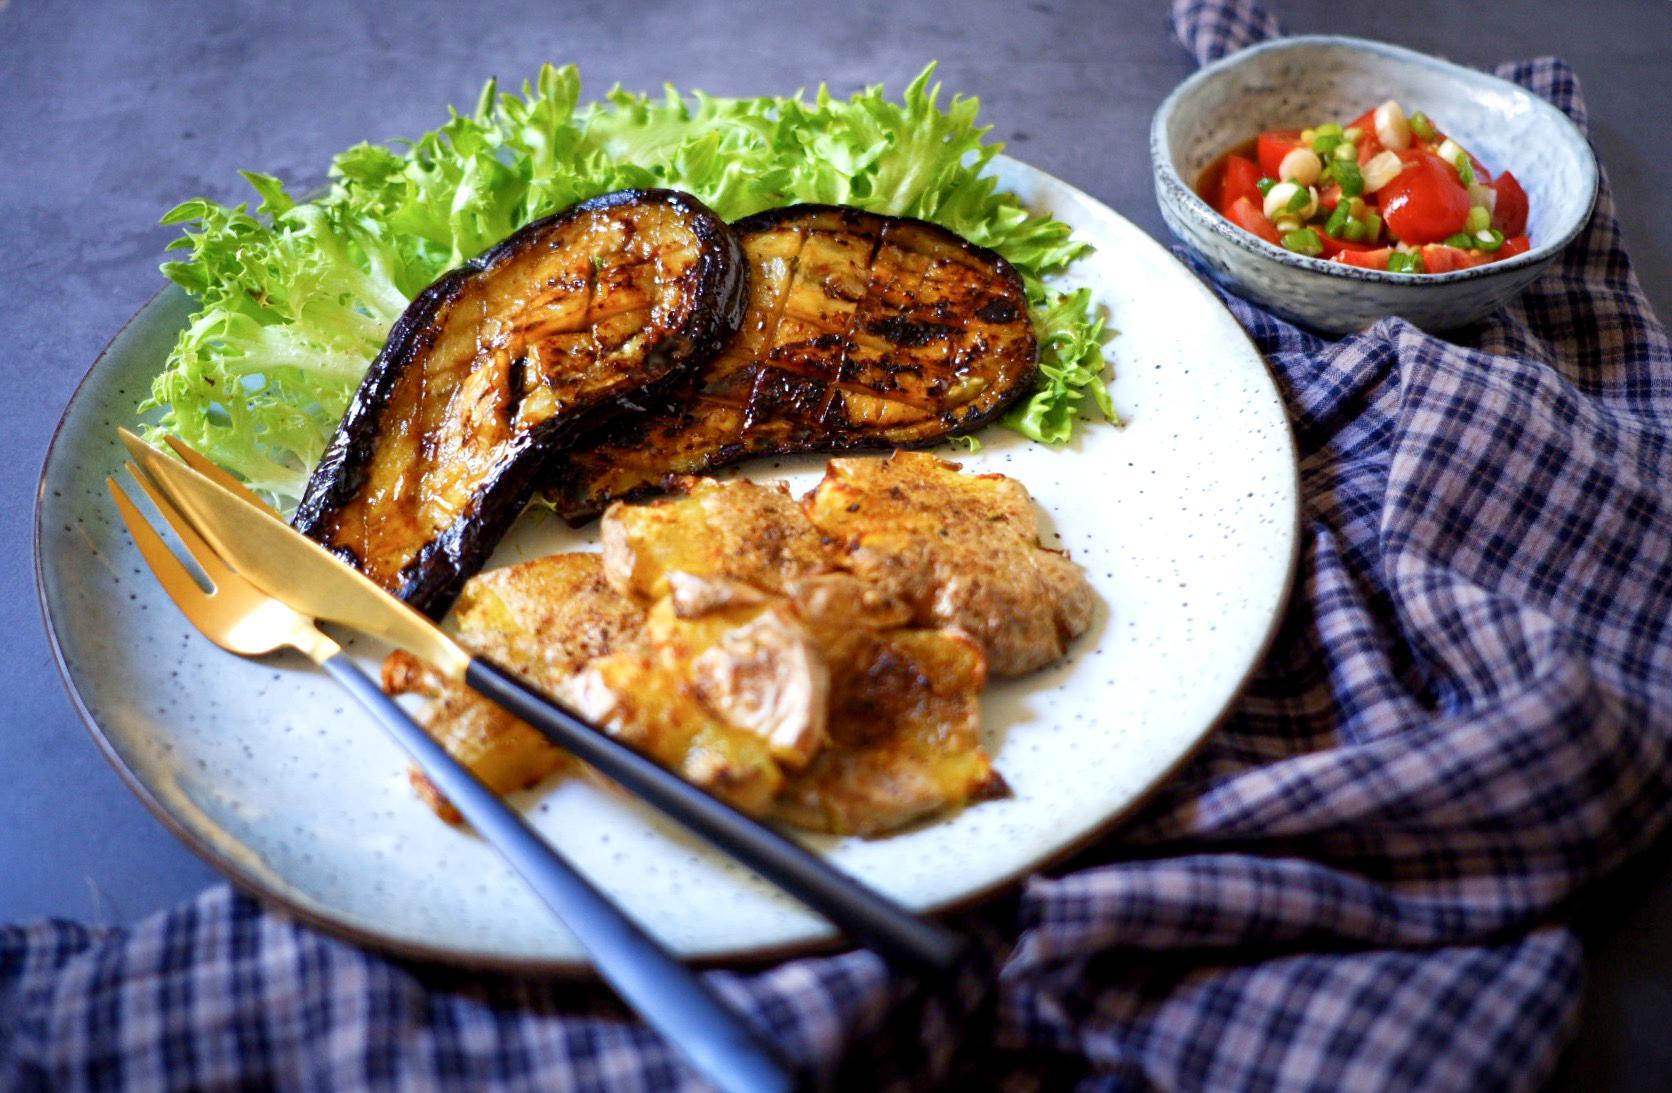 Lilkové steaky srozbouchnutými bramborami arajčatový Ponzu salát